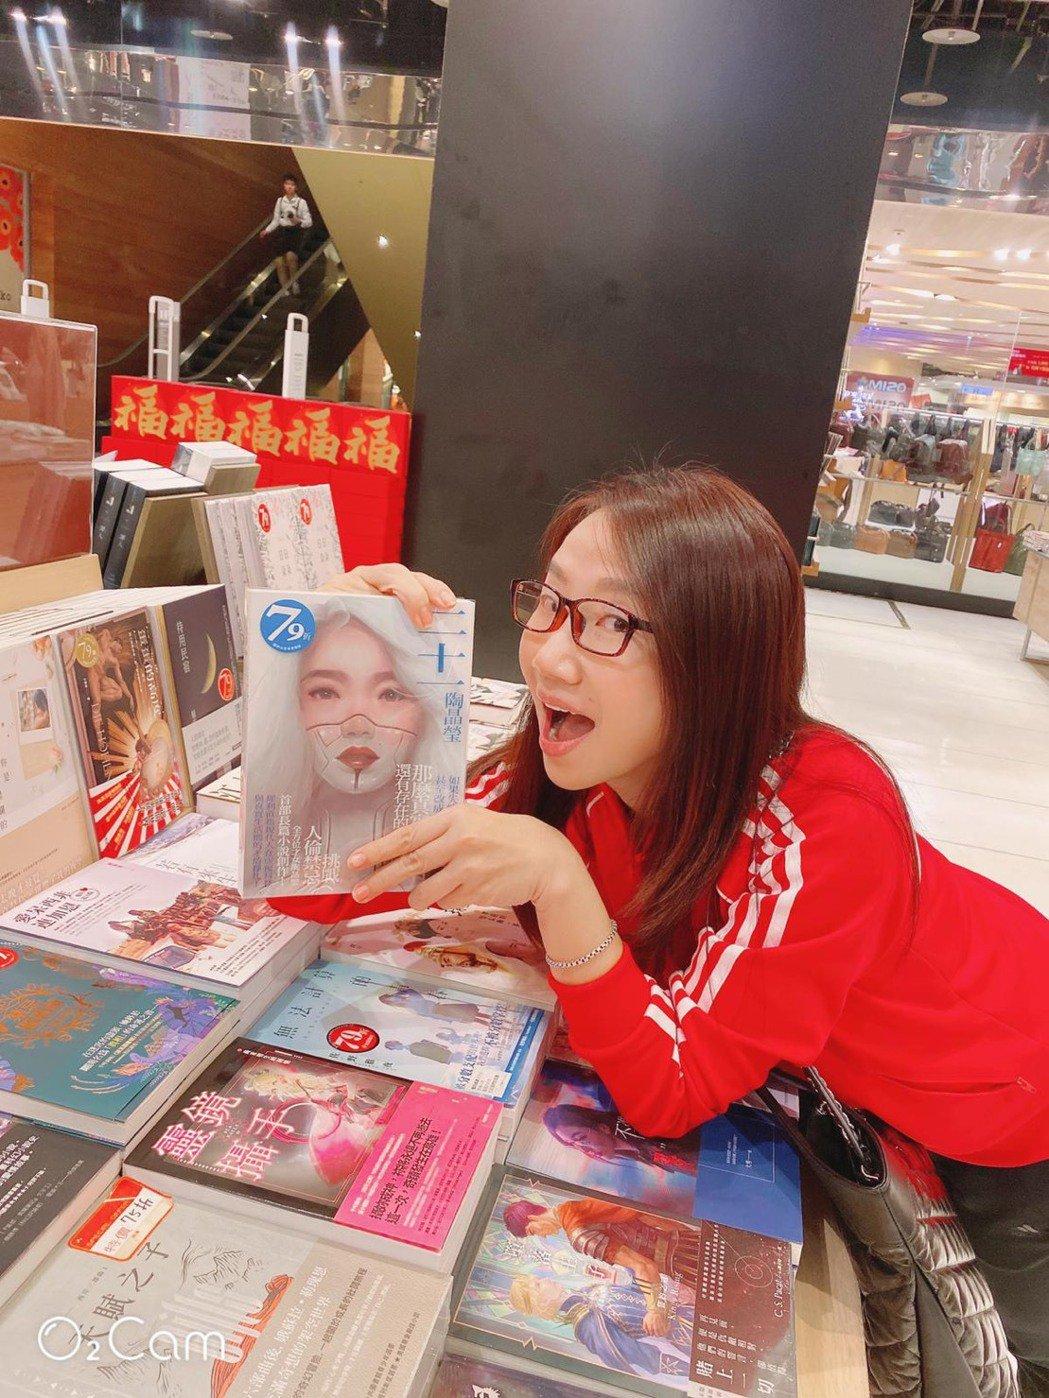 陶晶瑩素顏眼鏡一個人跑去誠品微服出巡看讀者會不會買她的書。圖/陶子提供